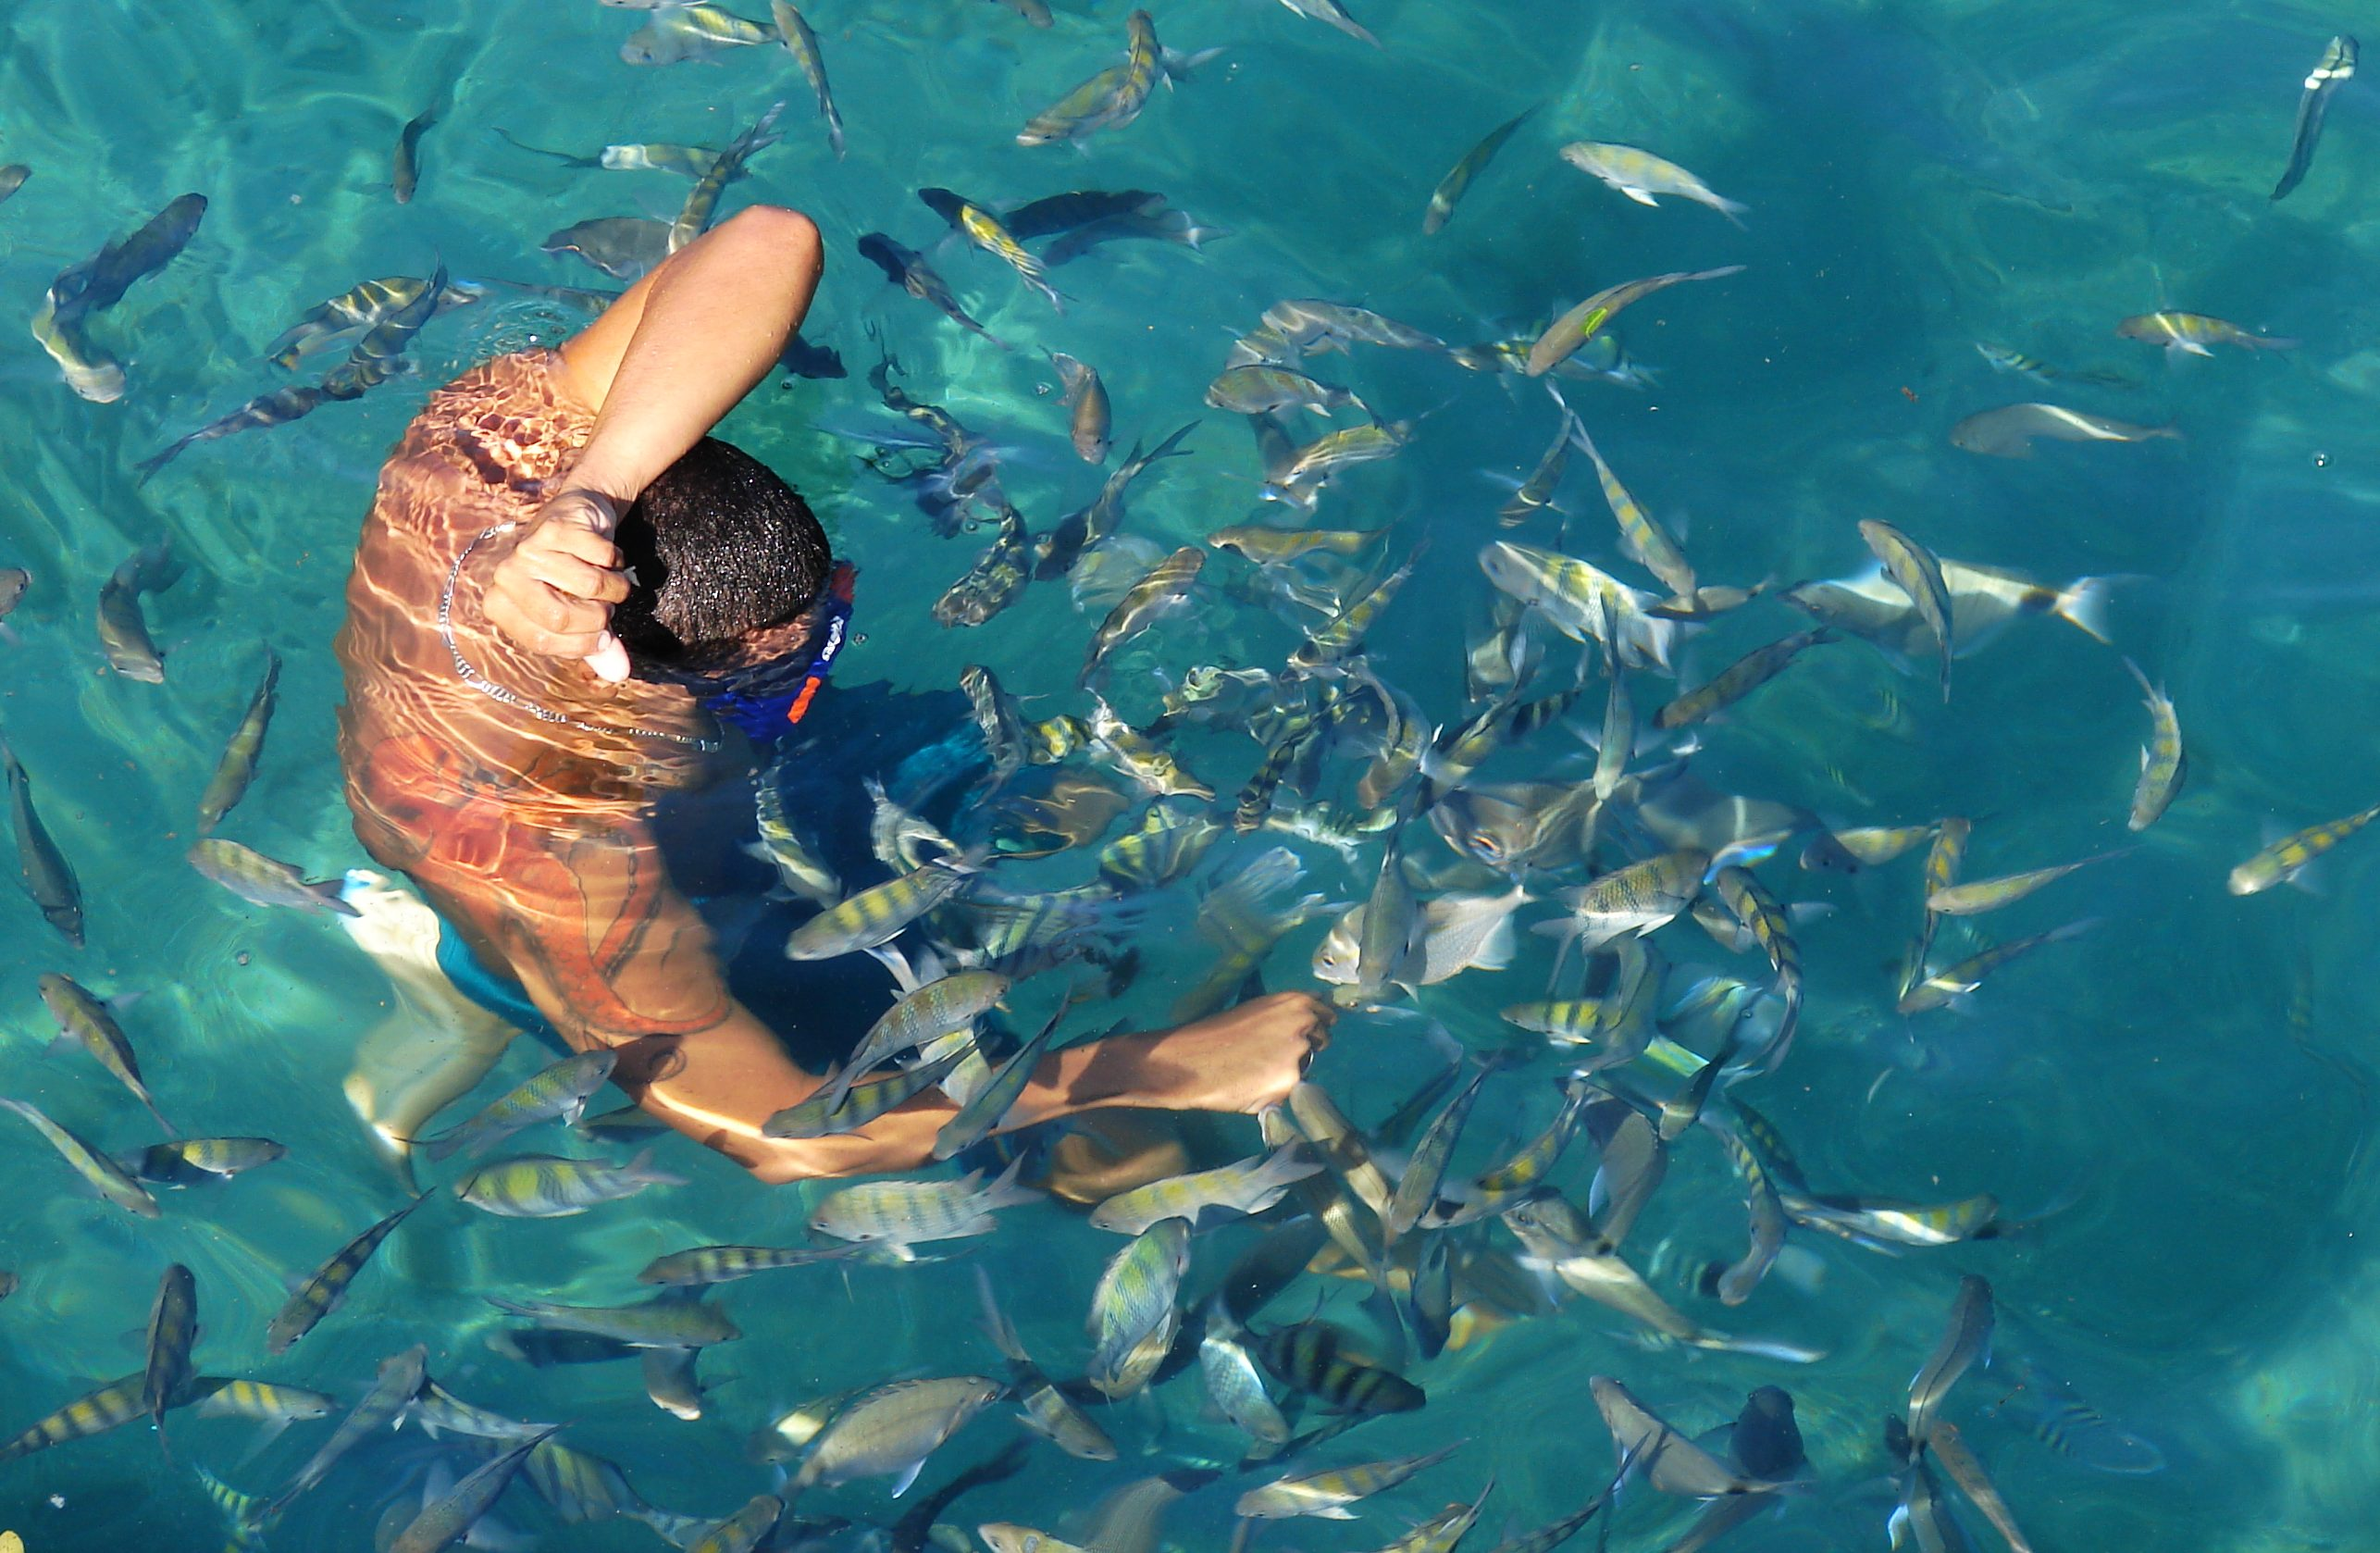 Em angra dos reis dá para mergulhar com os peixes em águas cristalinas